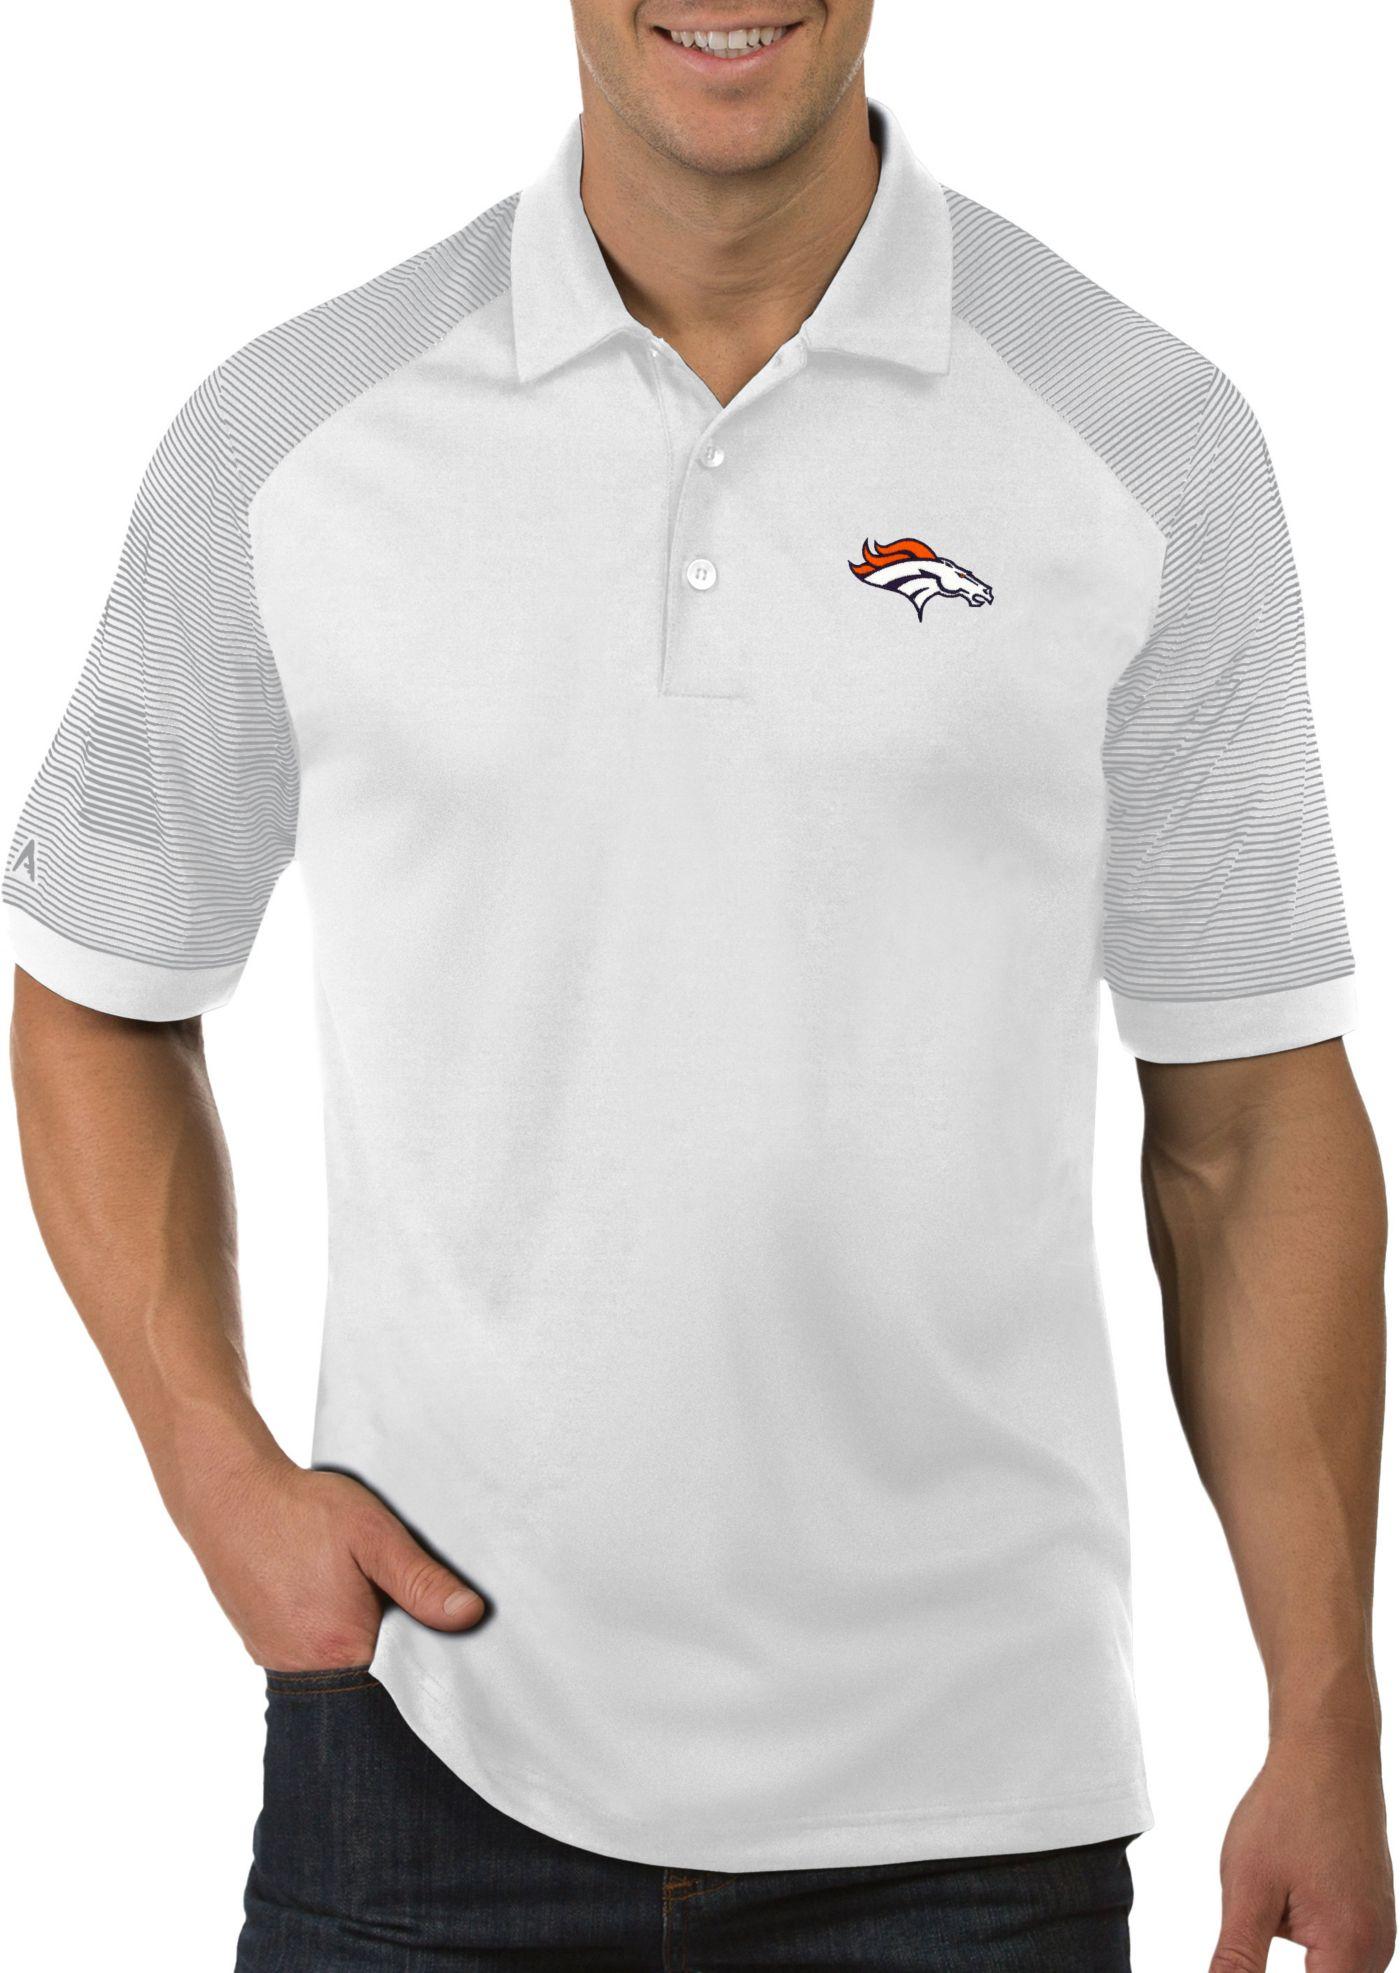 Antigua Men's Denver Broncos Engage White Performance Polo